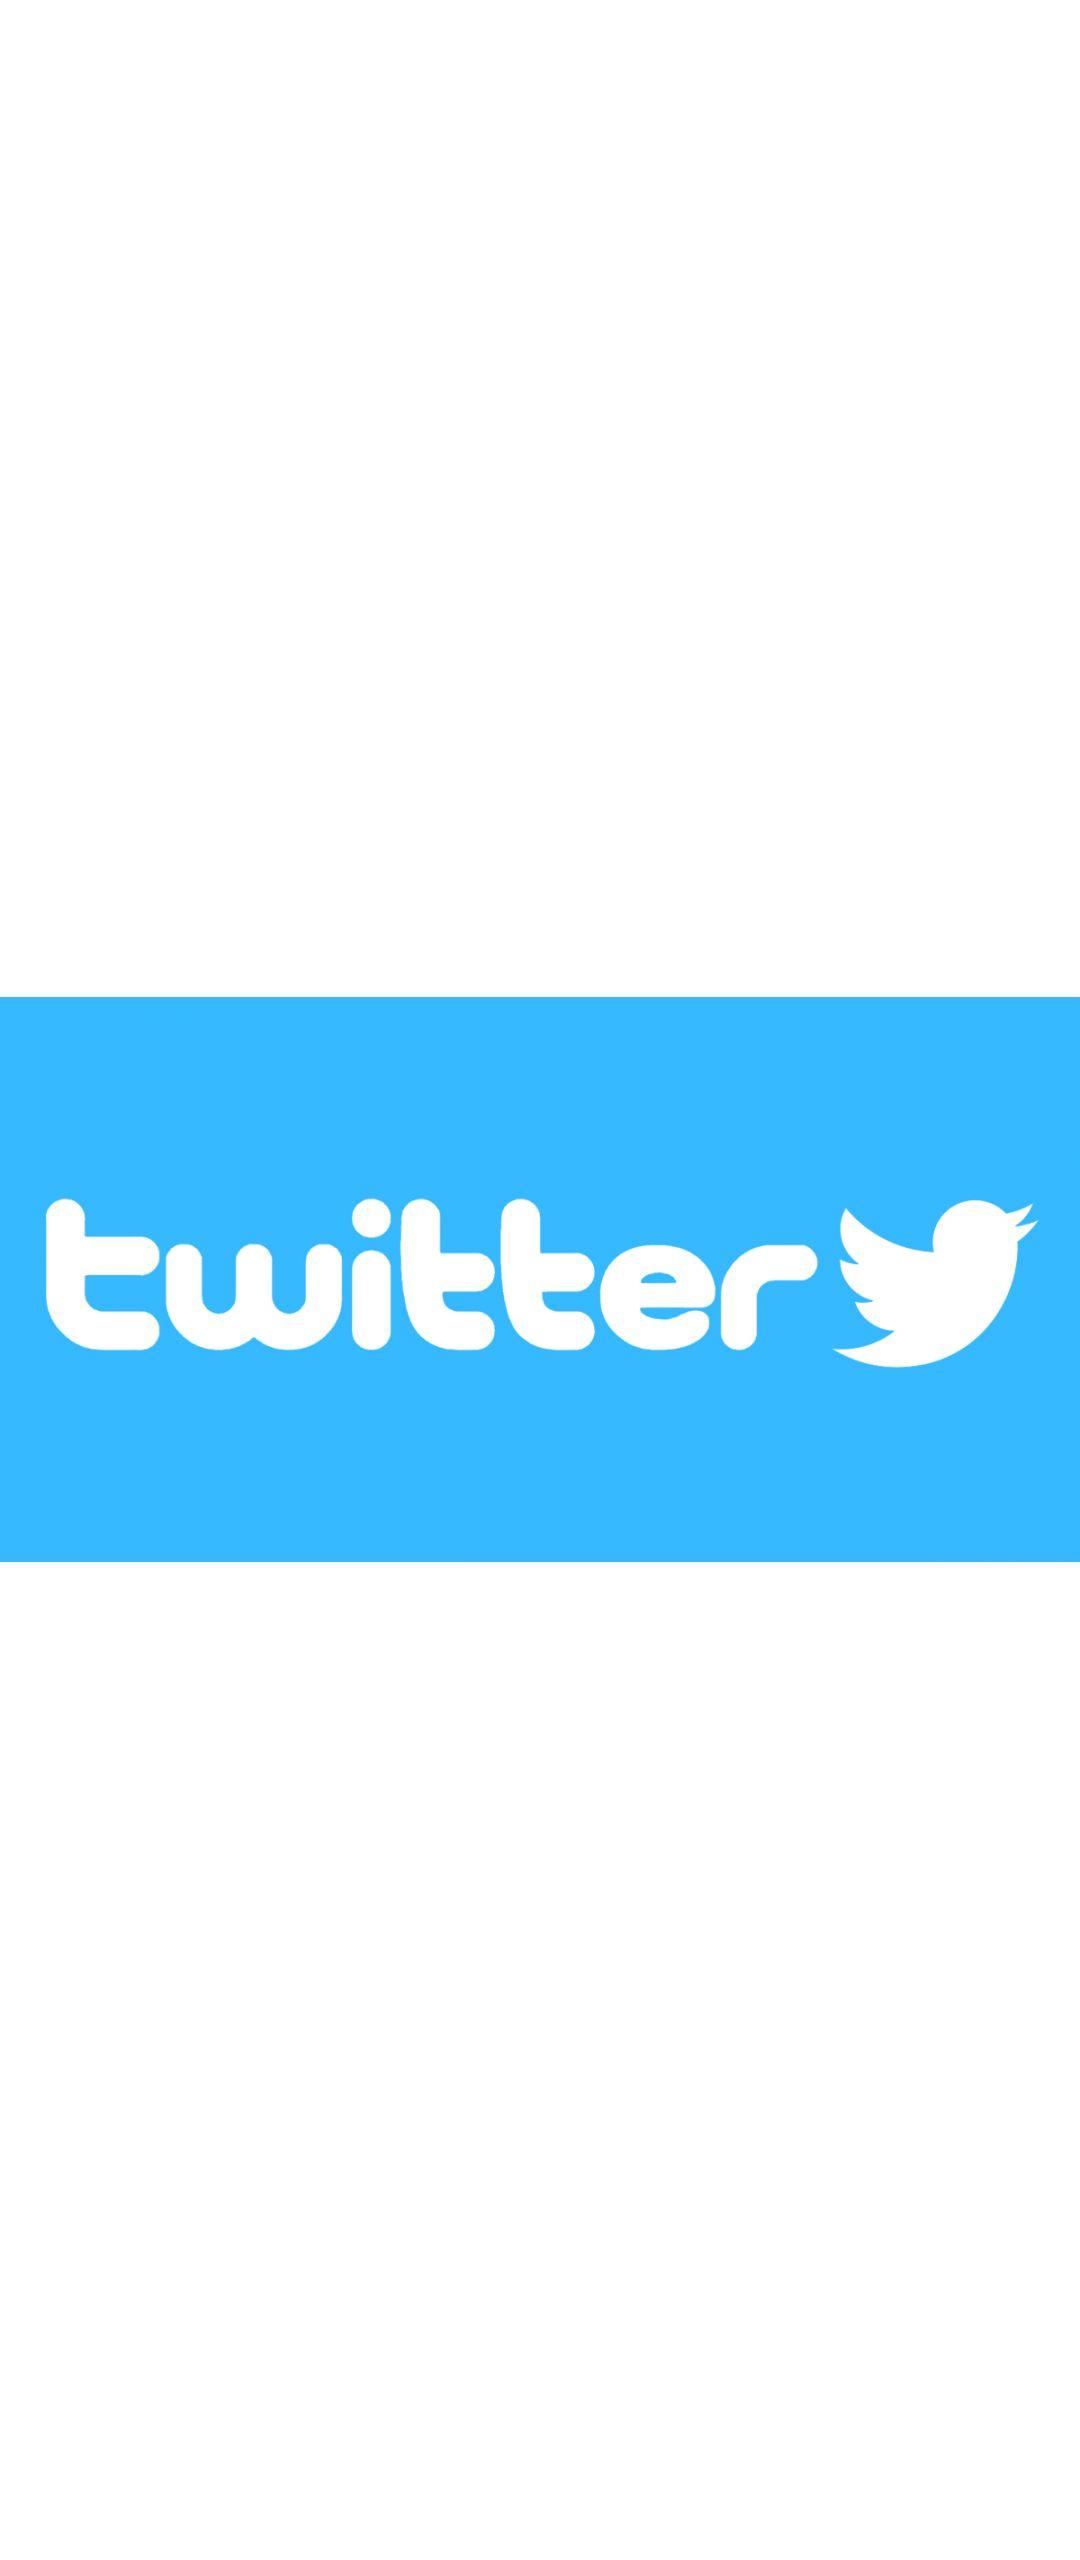 Twitter ya permite transmitir videos en vivo desde su aplicación